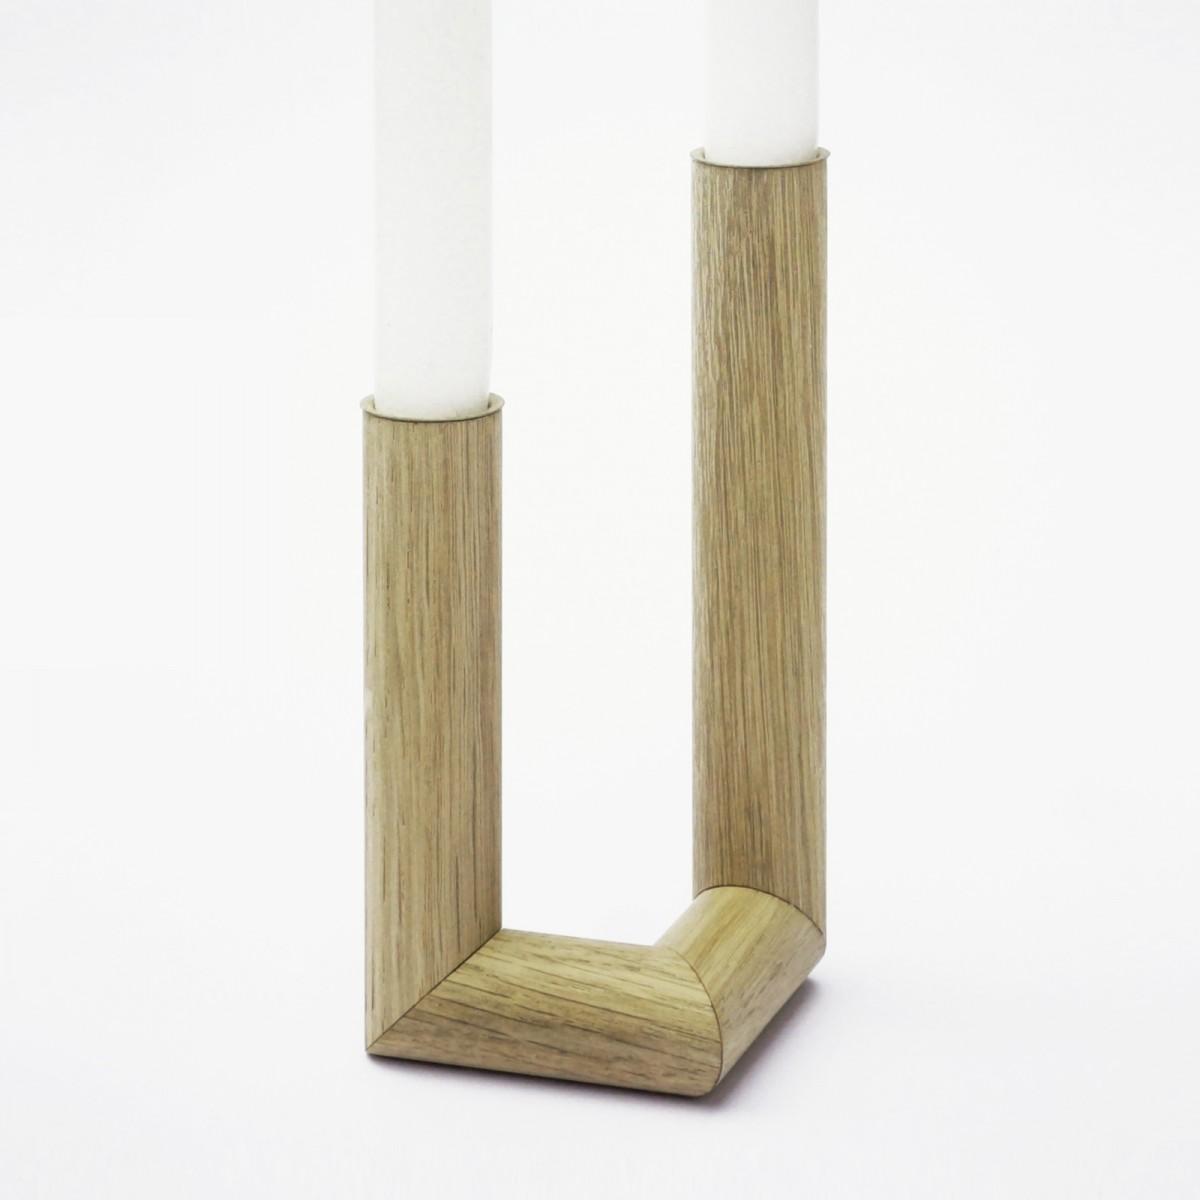 EINFACHDESIGN Kerzenständer, Kerzenhalter Eiche